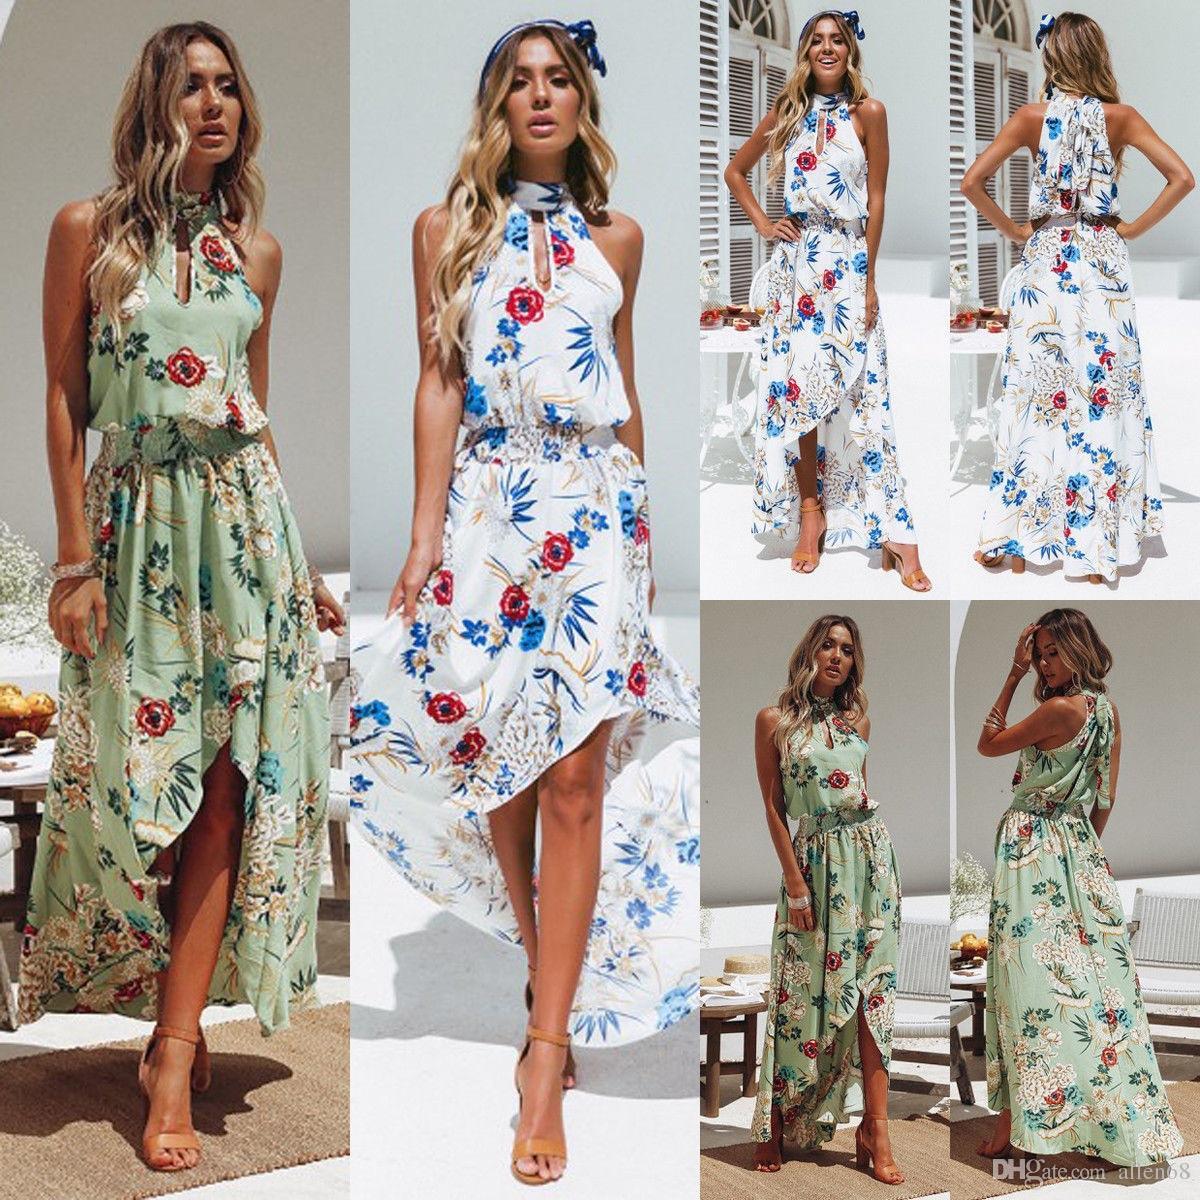 e5505e6461d3e Satın Al Maxi Uzun Elbise 2019 Yaz Elbiseler Kadın Çiçek Baskı Boho Elbise  Artı Boyutu 2XL Kolsuz Plaj Tatil Kayma Elbise Kadın Törenlerinde, ...